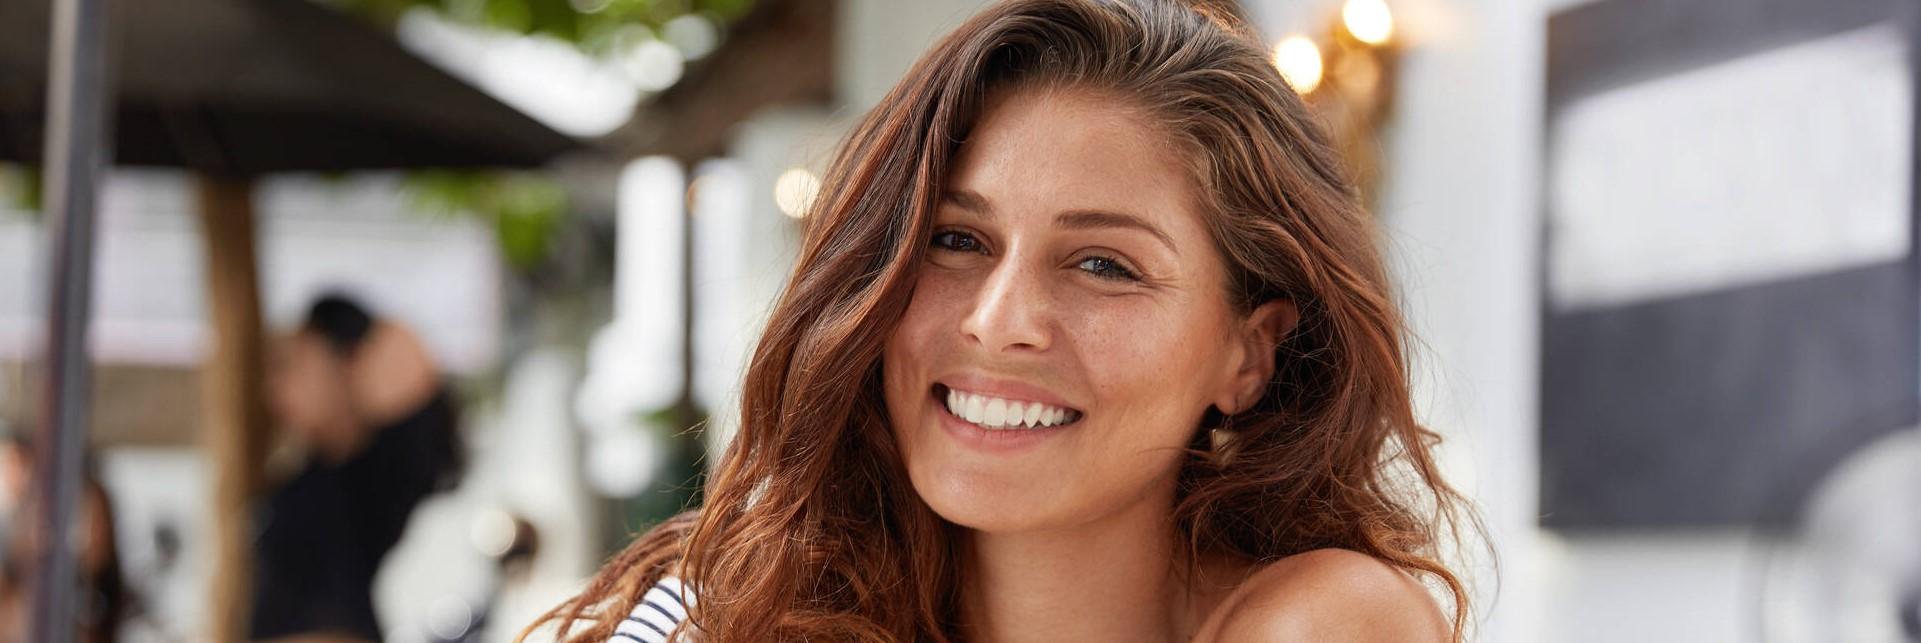 review mindfulness voor het dagelijkse leven blije vrouw